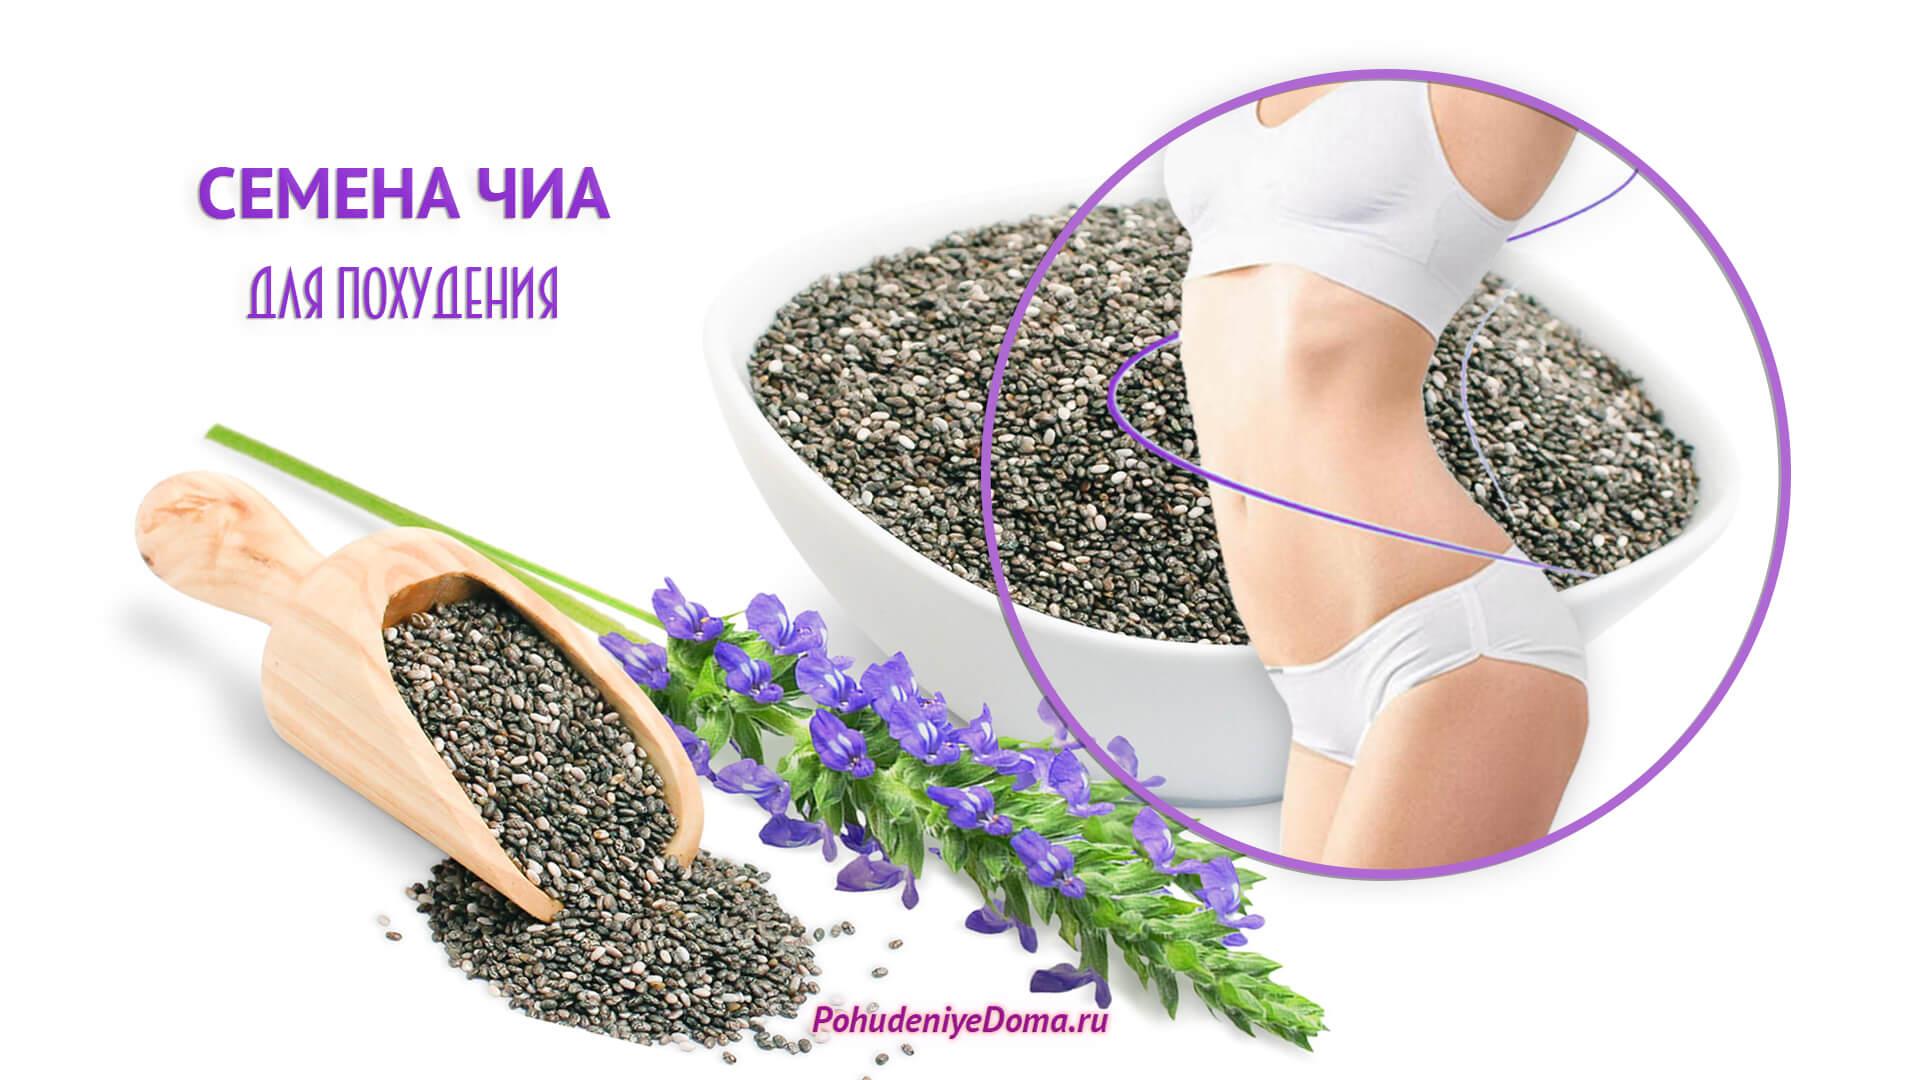 Семена чиа - суперфуд для похудения. полезные свойства, способы употребления